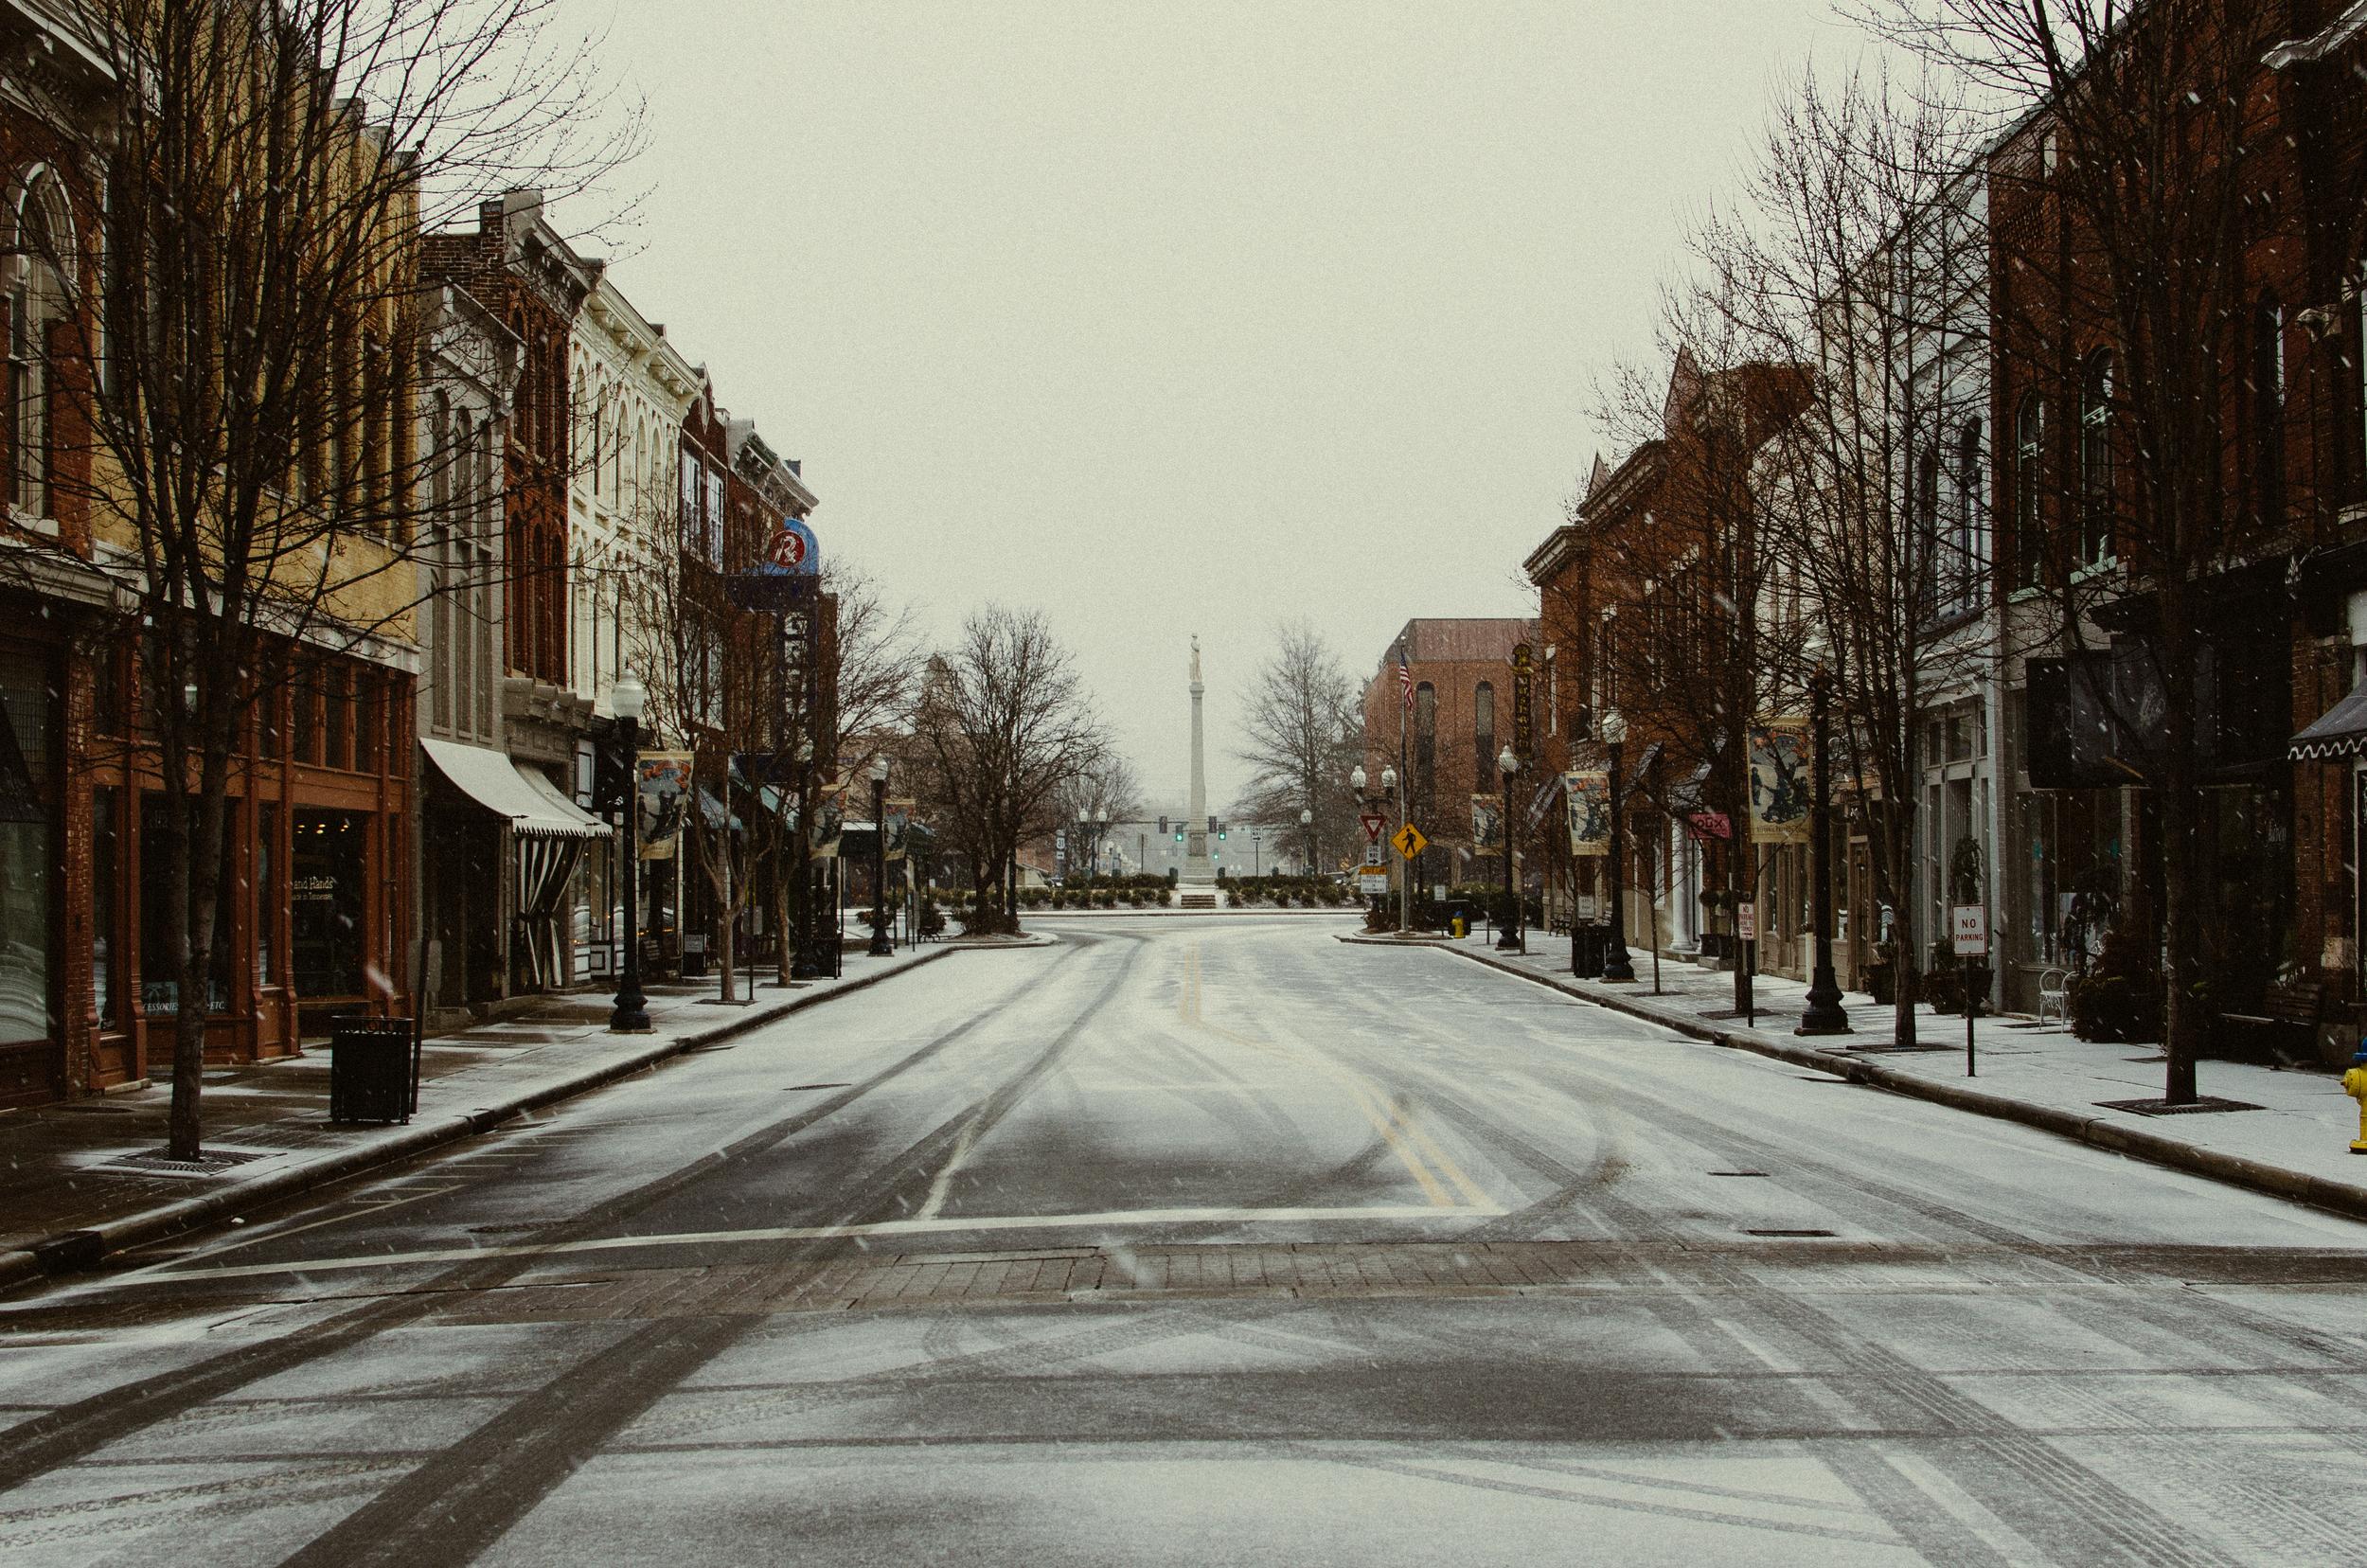 Ice Storm Downtown Franklin, TN